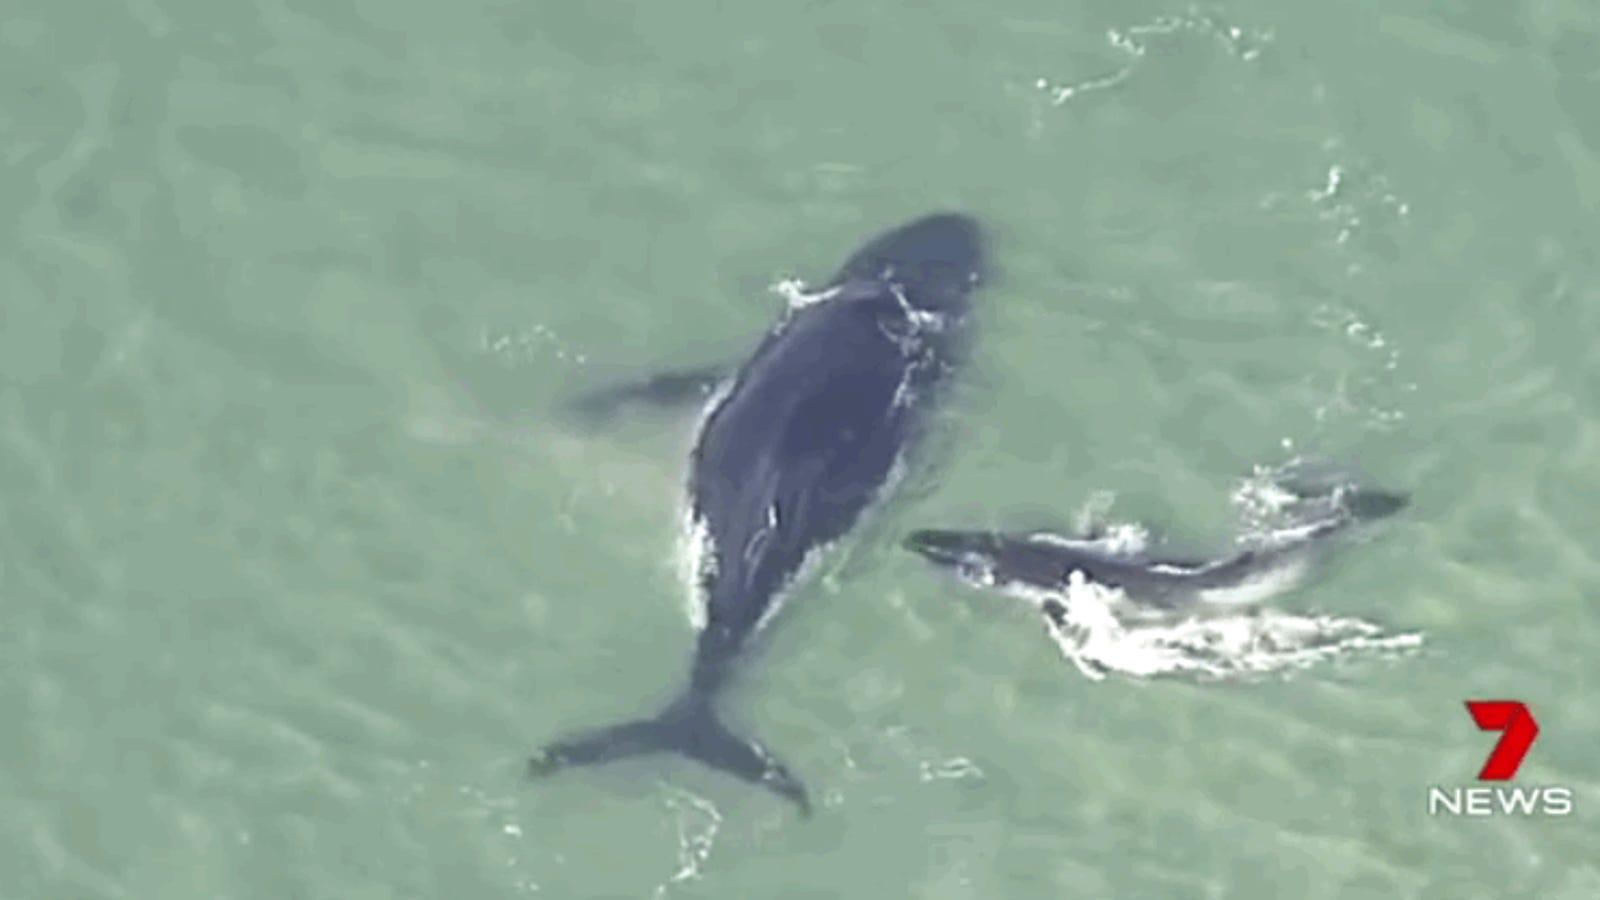 Una desesperada cría de ballena intenta desencallar a su madre de la arena